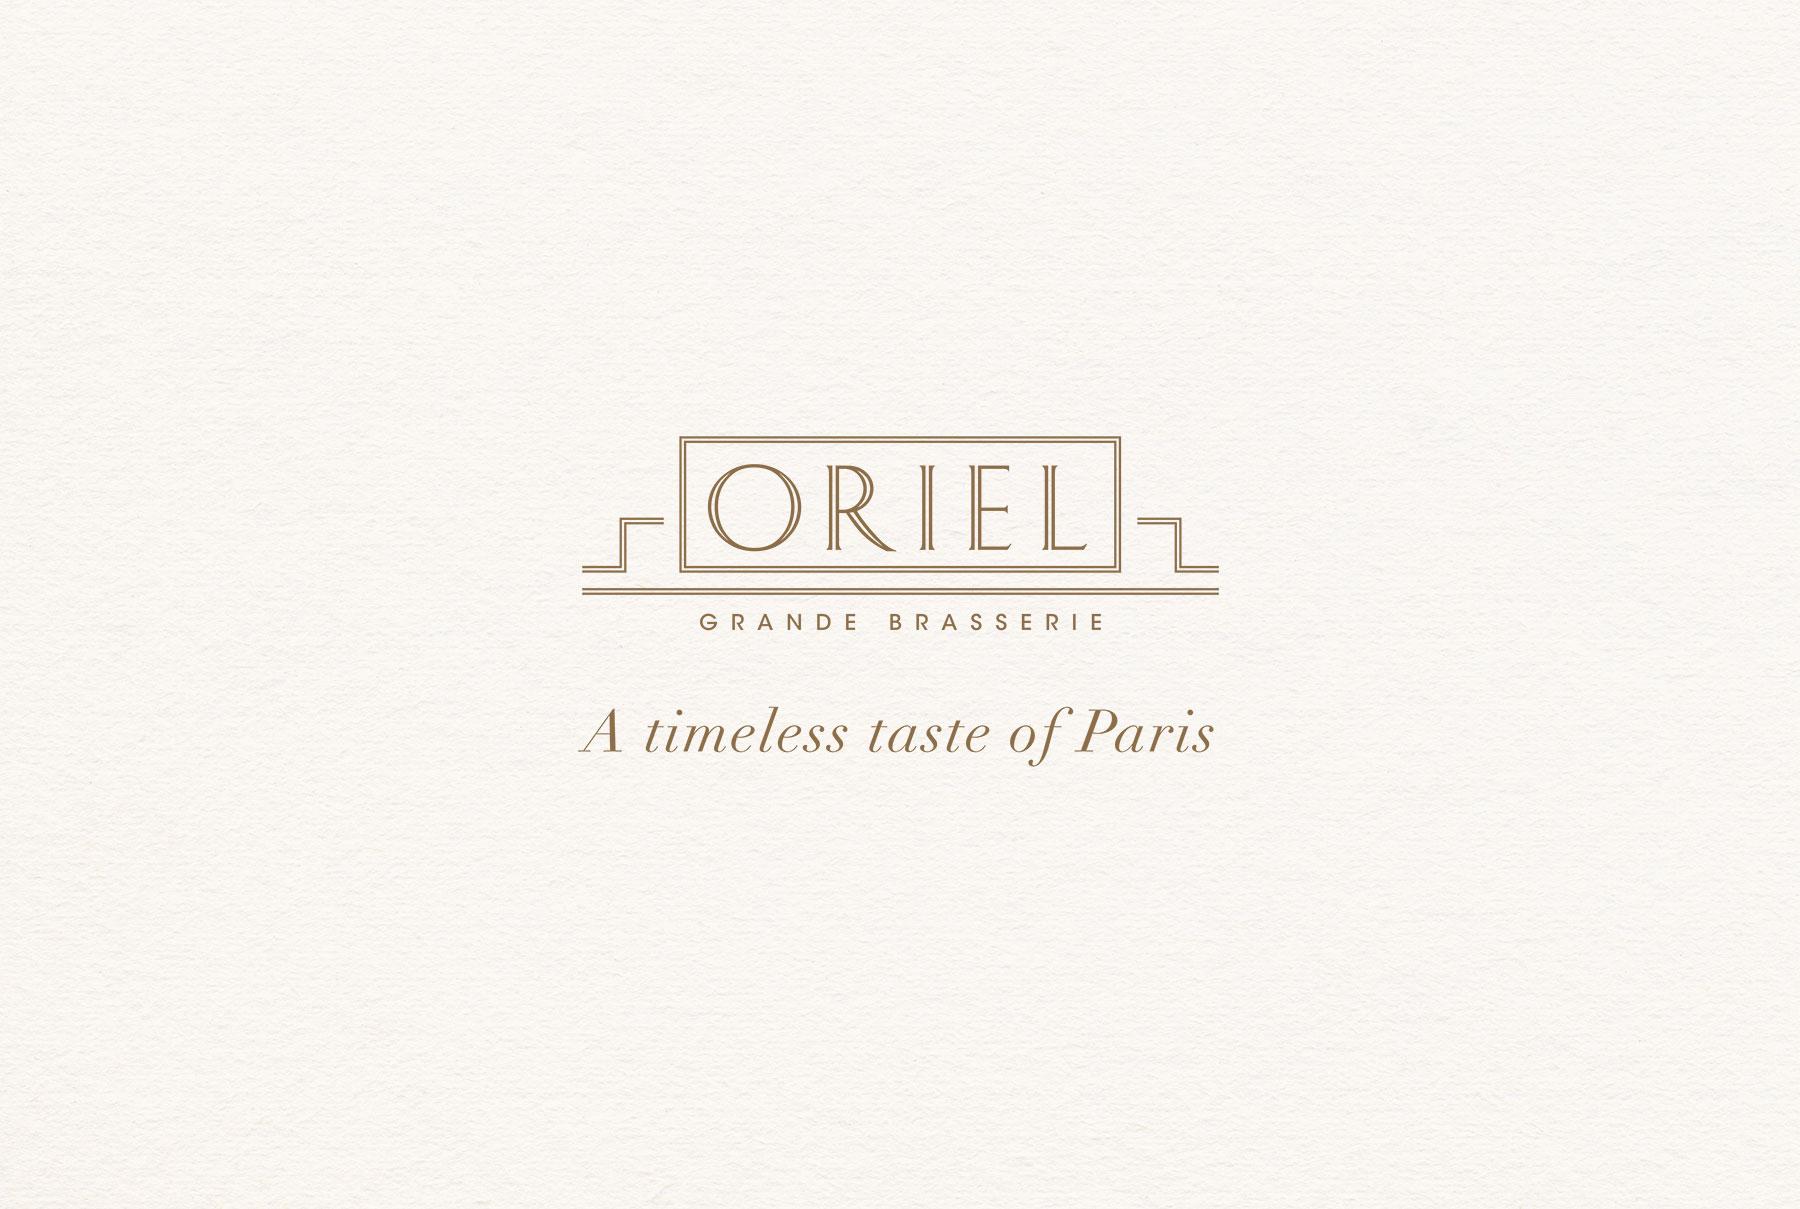 Oriel Grande Brasserie - Branding